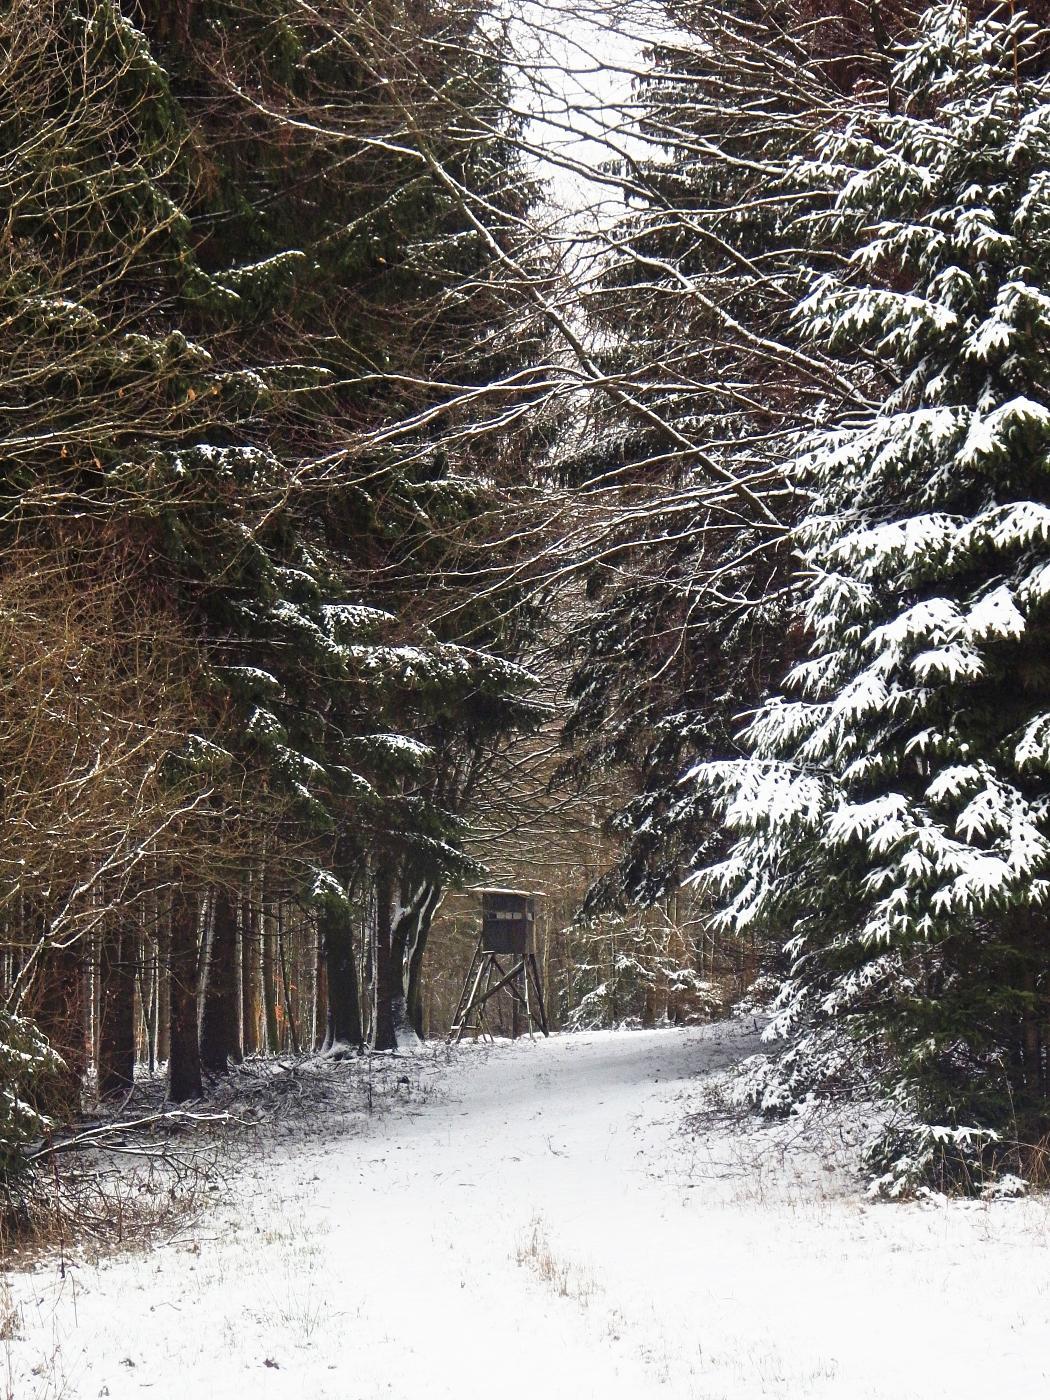 Kropsheider Wald